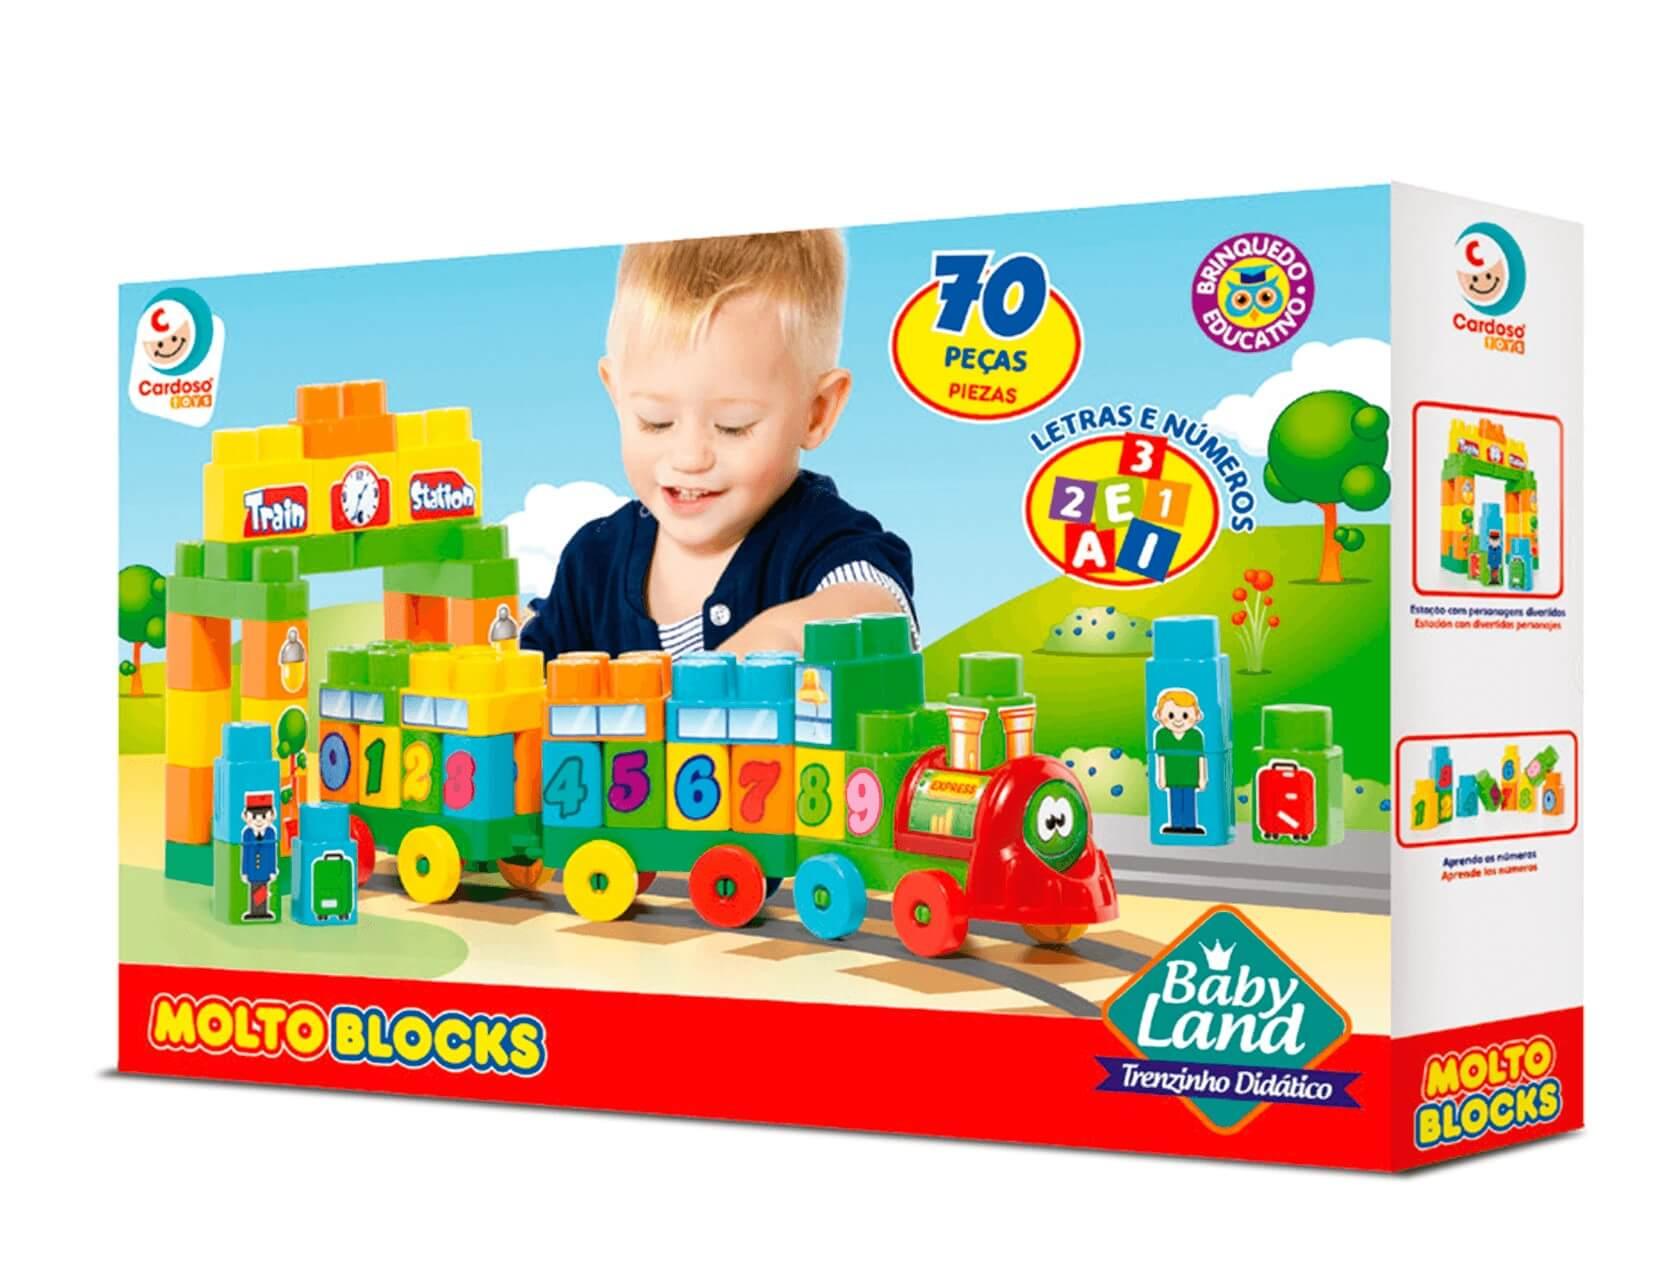 Bloco de Montar Baby Land Trenzinho Didatico 70P - Cardoso